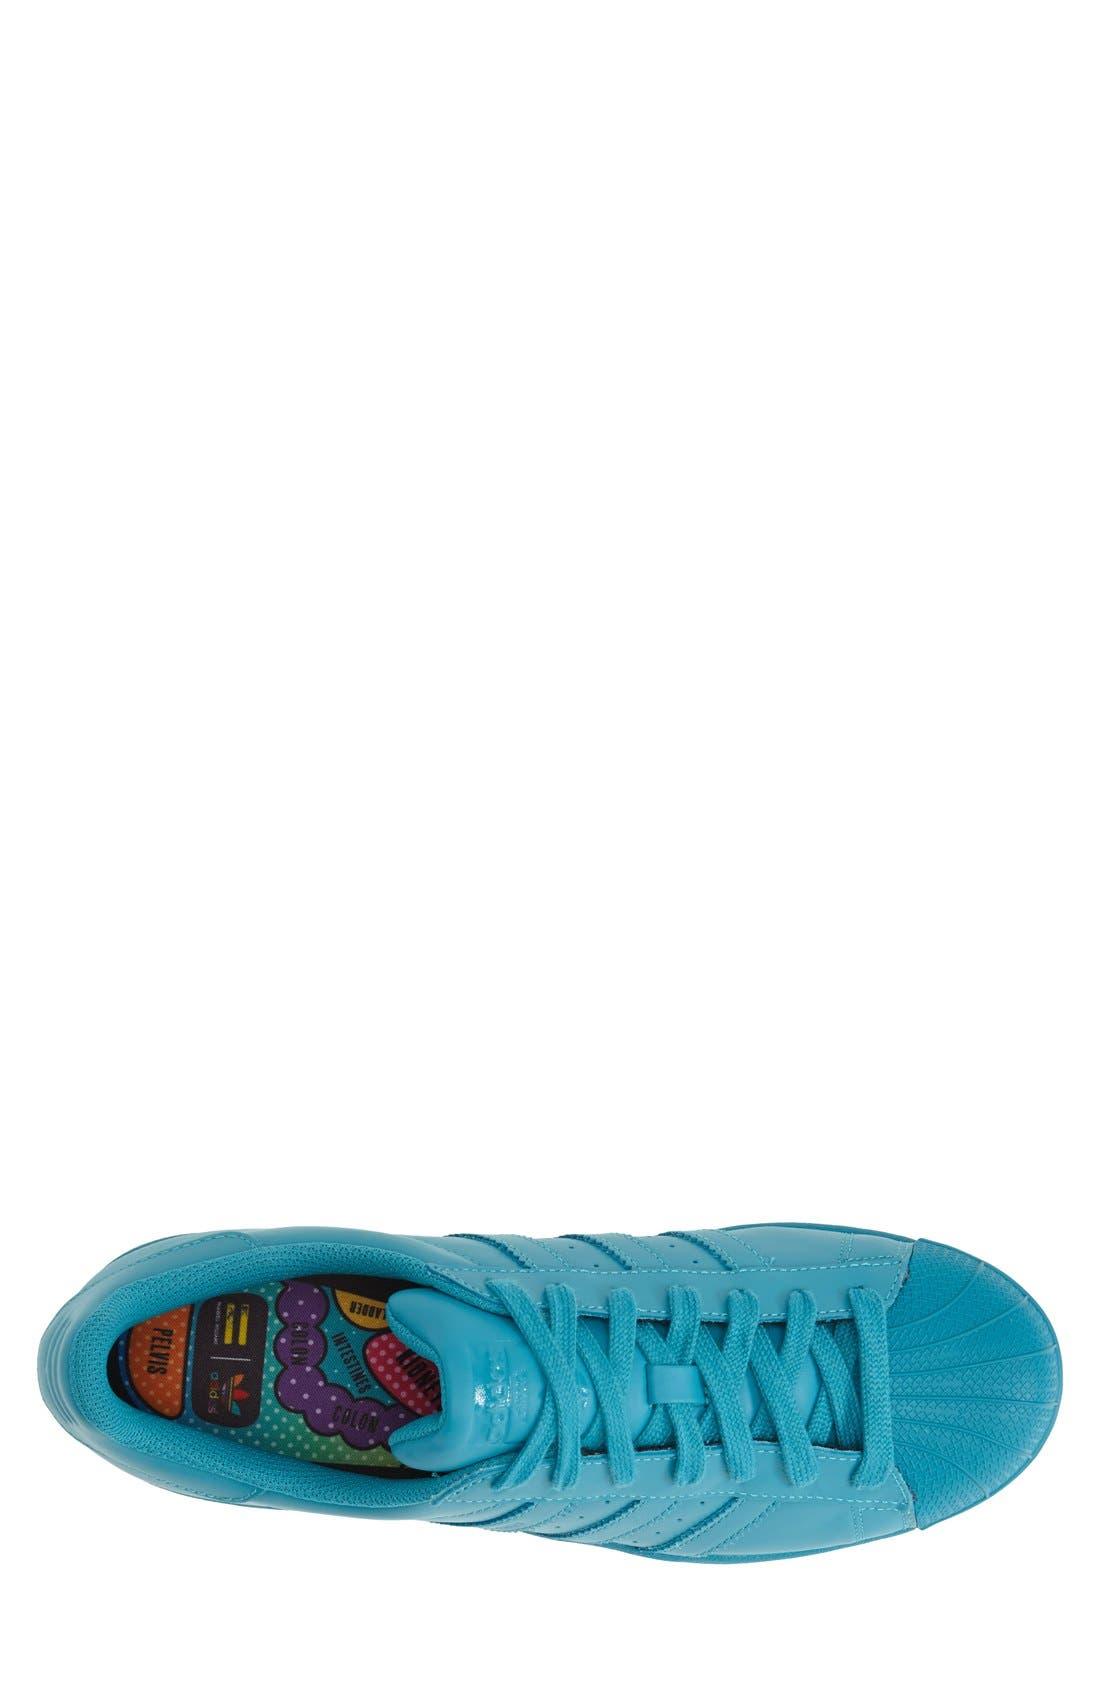 'Pharrell Williams - Superstar Supercolor' Sneaker,                             Alternate thumbnail 4, color,                             300